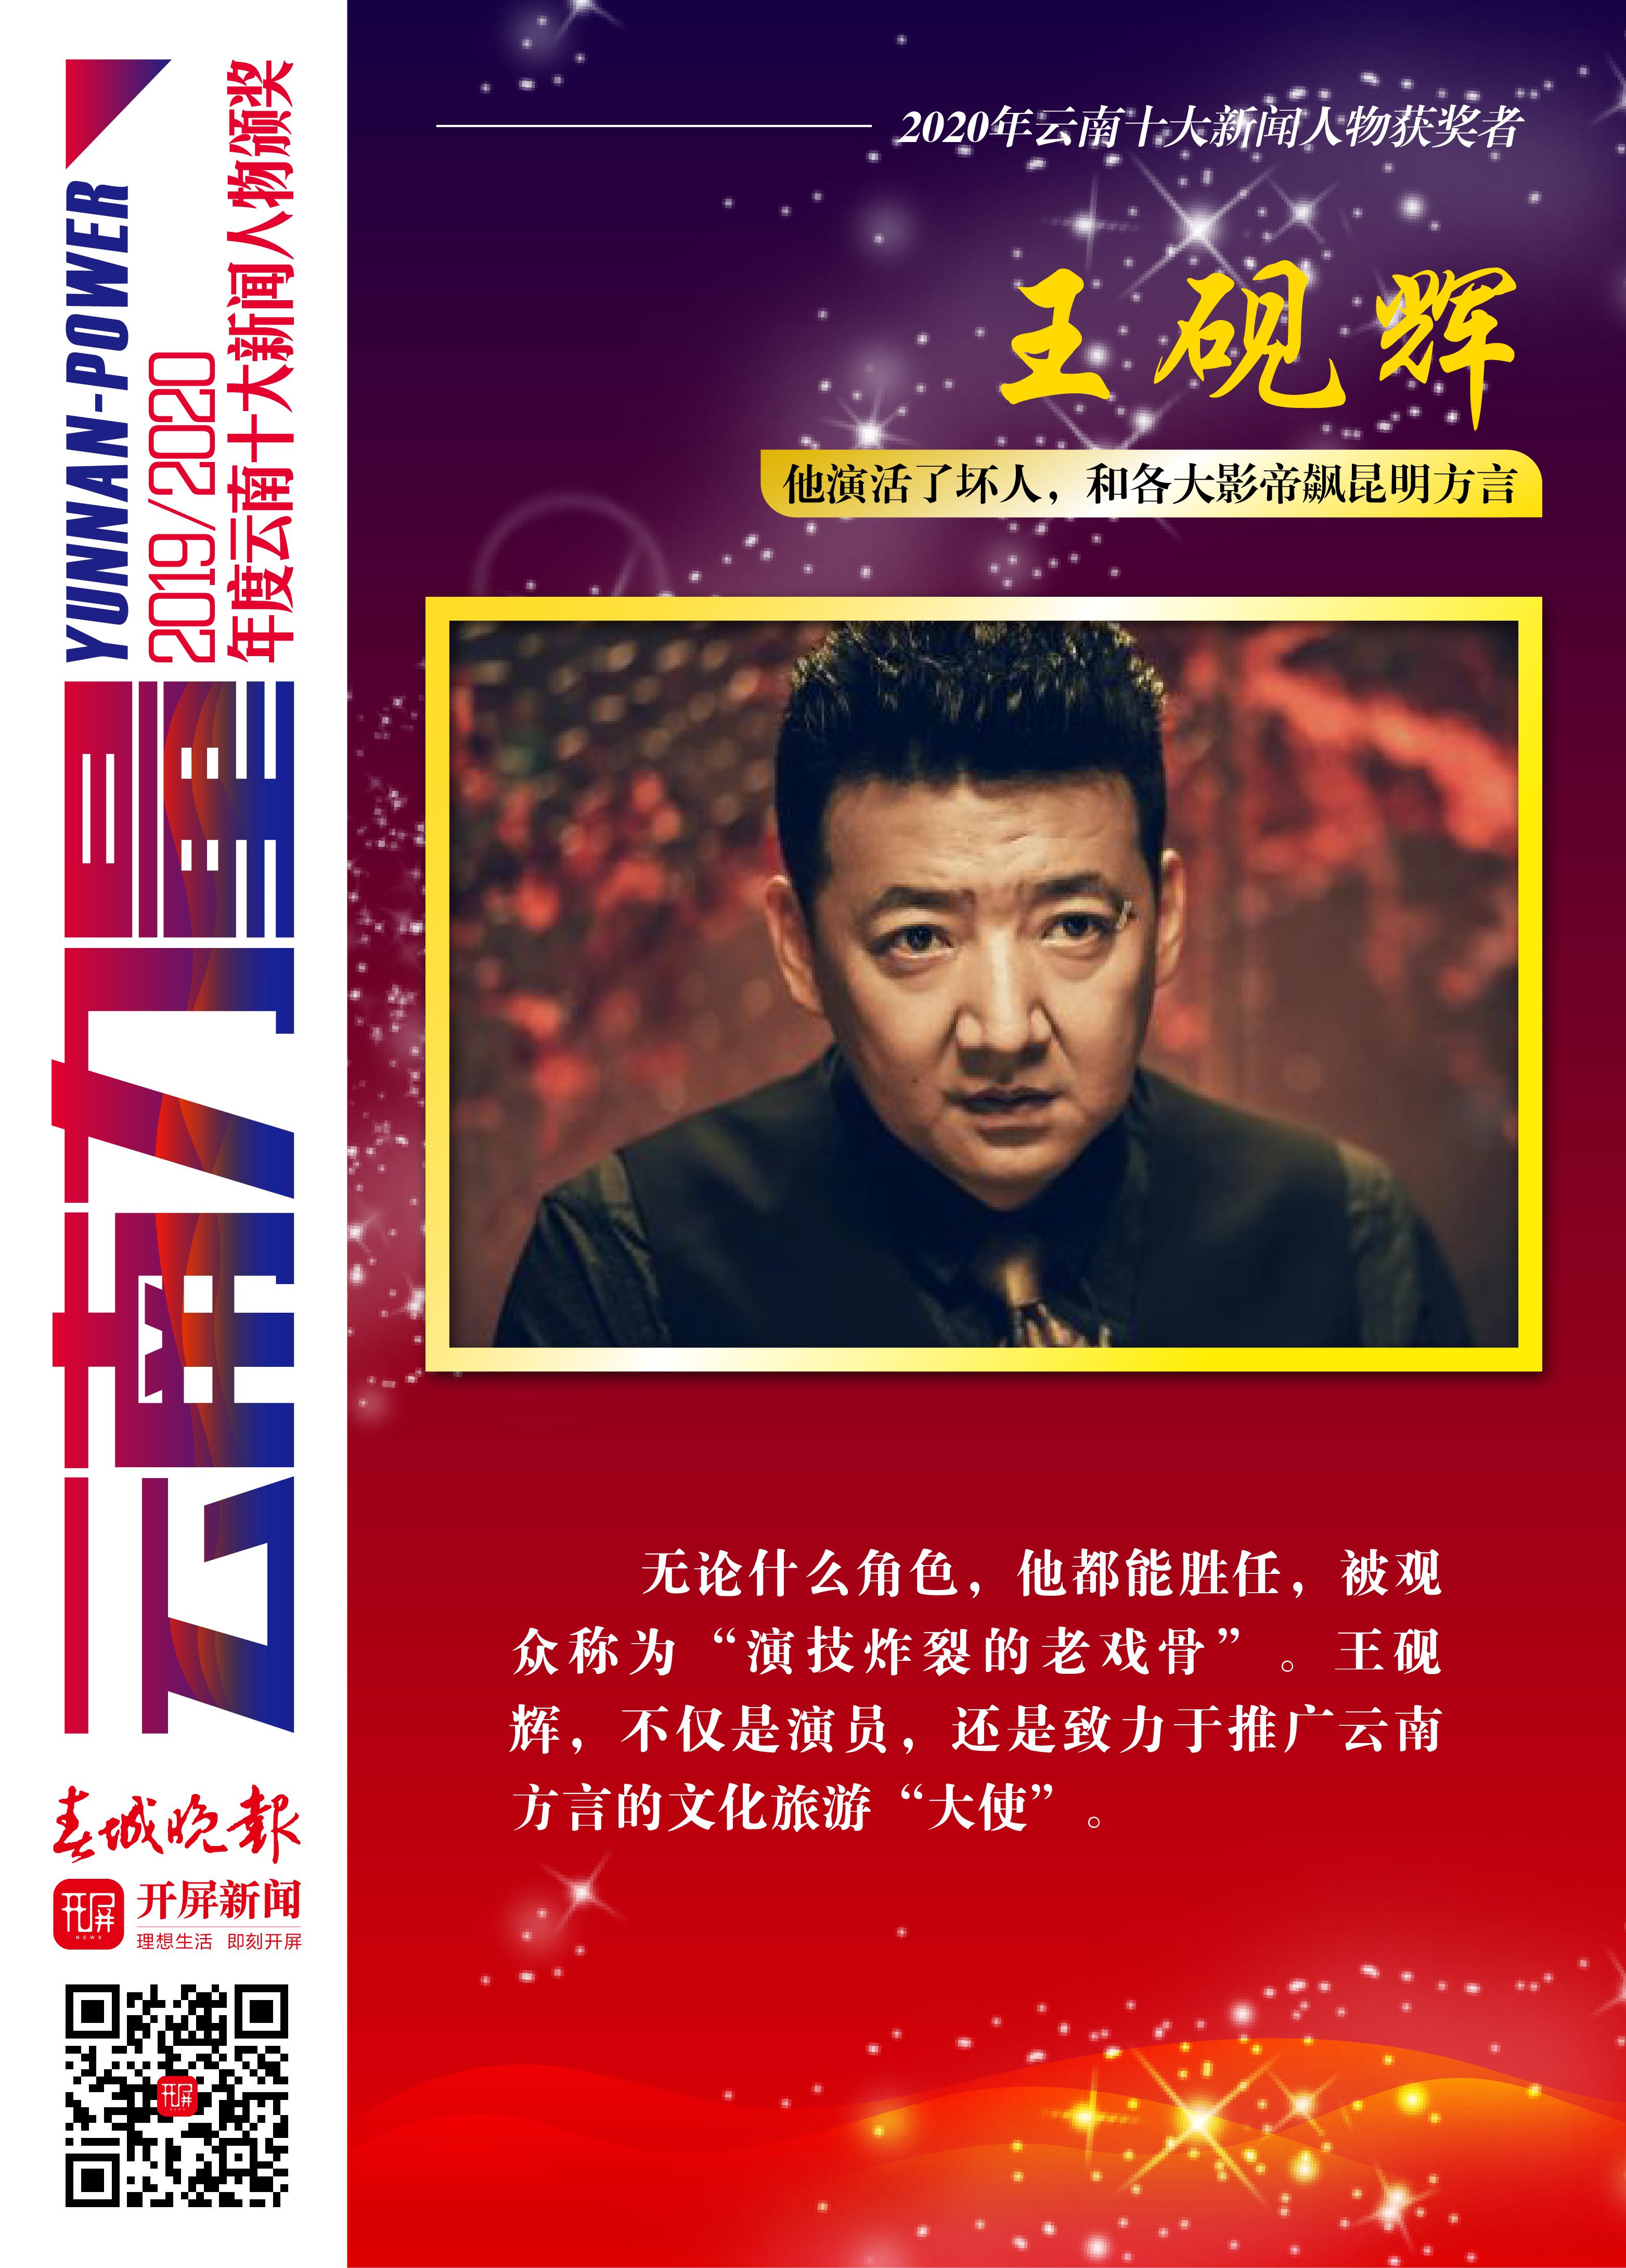 2020新闻人物海报_10王砚辉.jpg